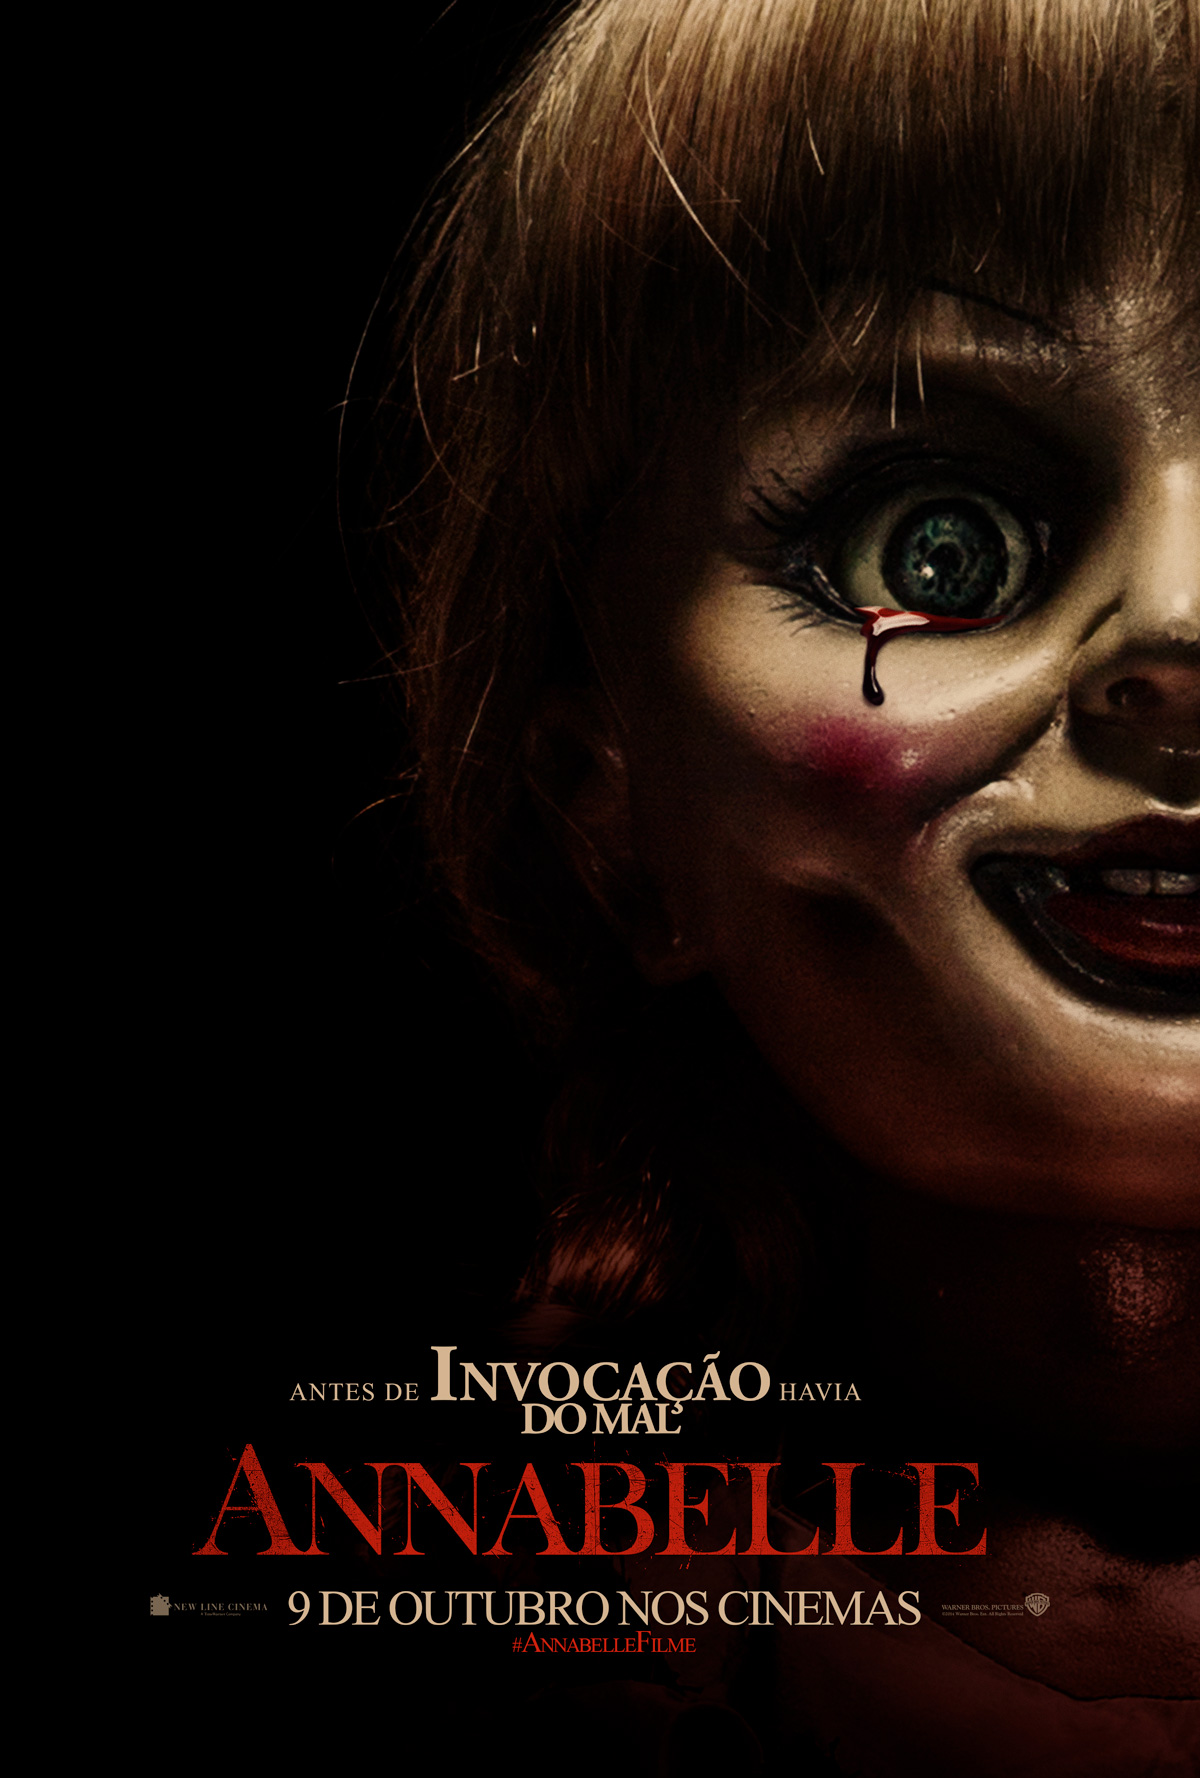 Annabelle Filme 2014 Adorocinema